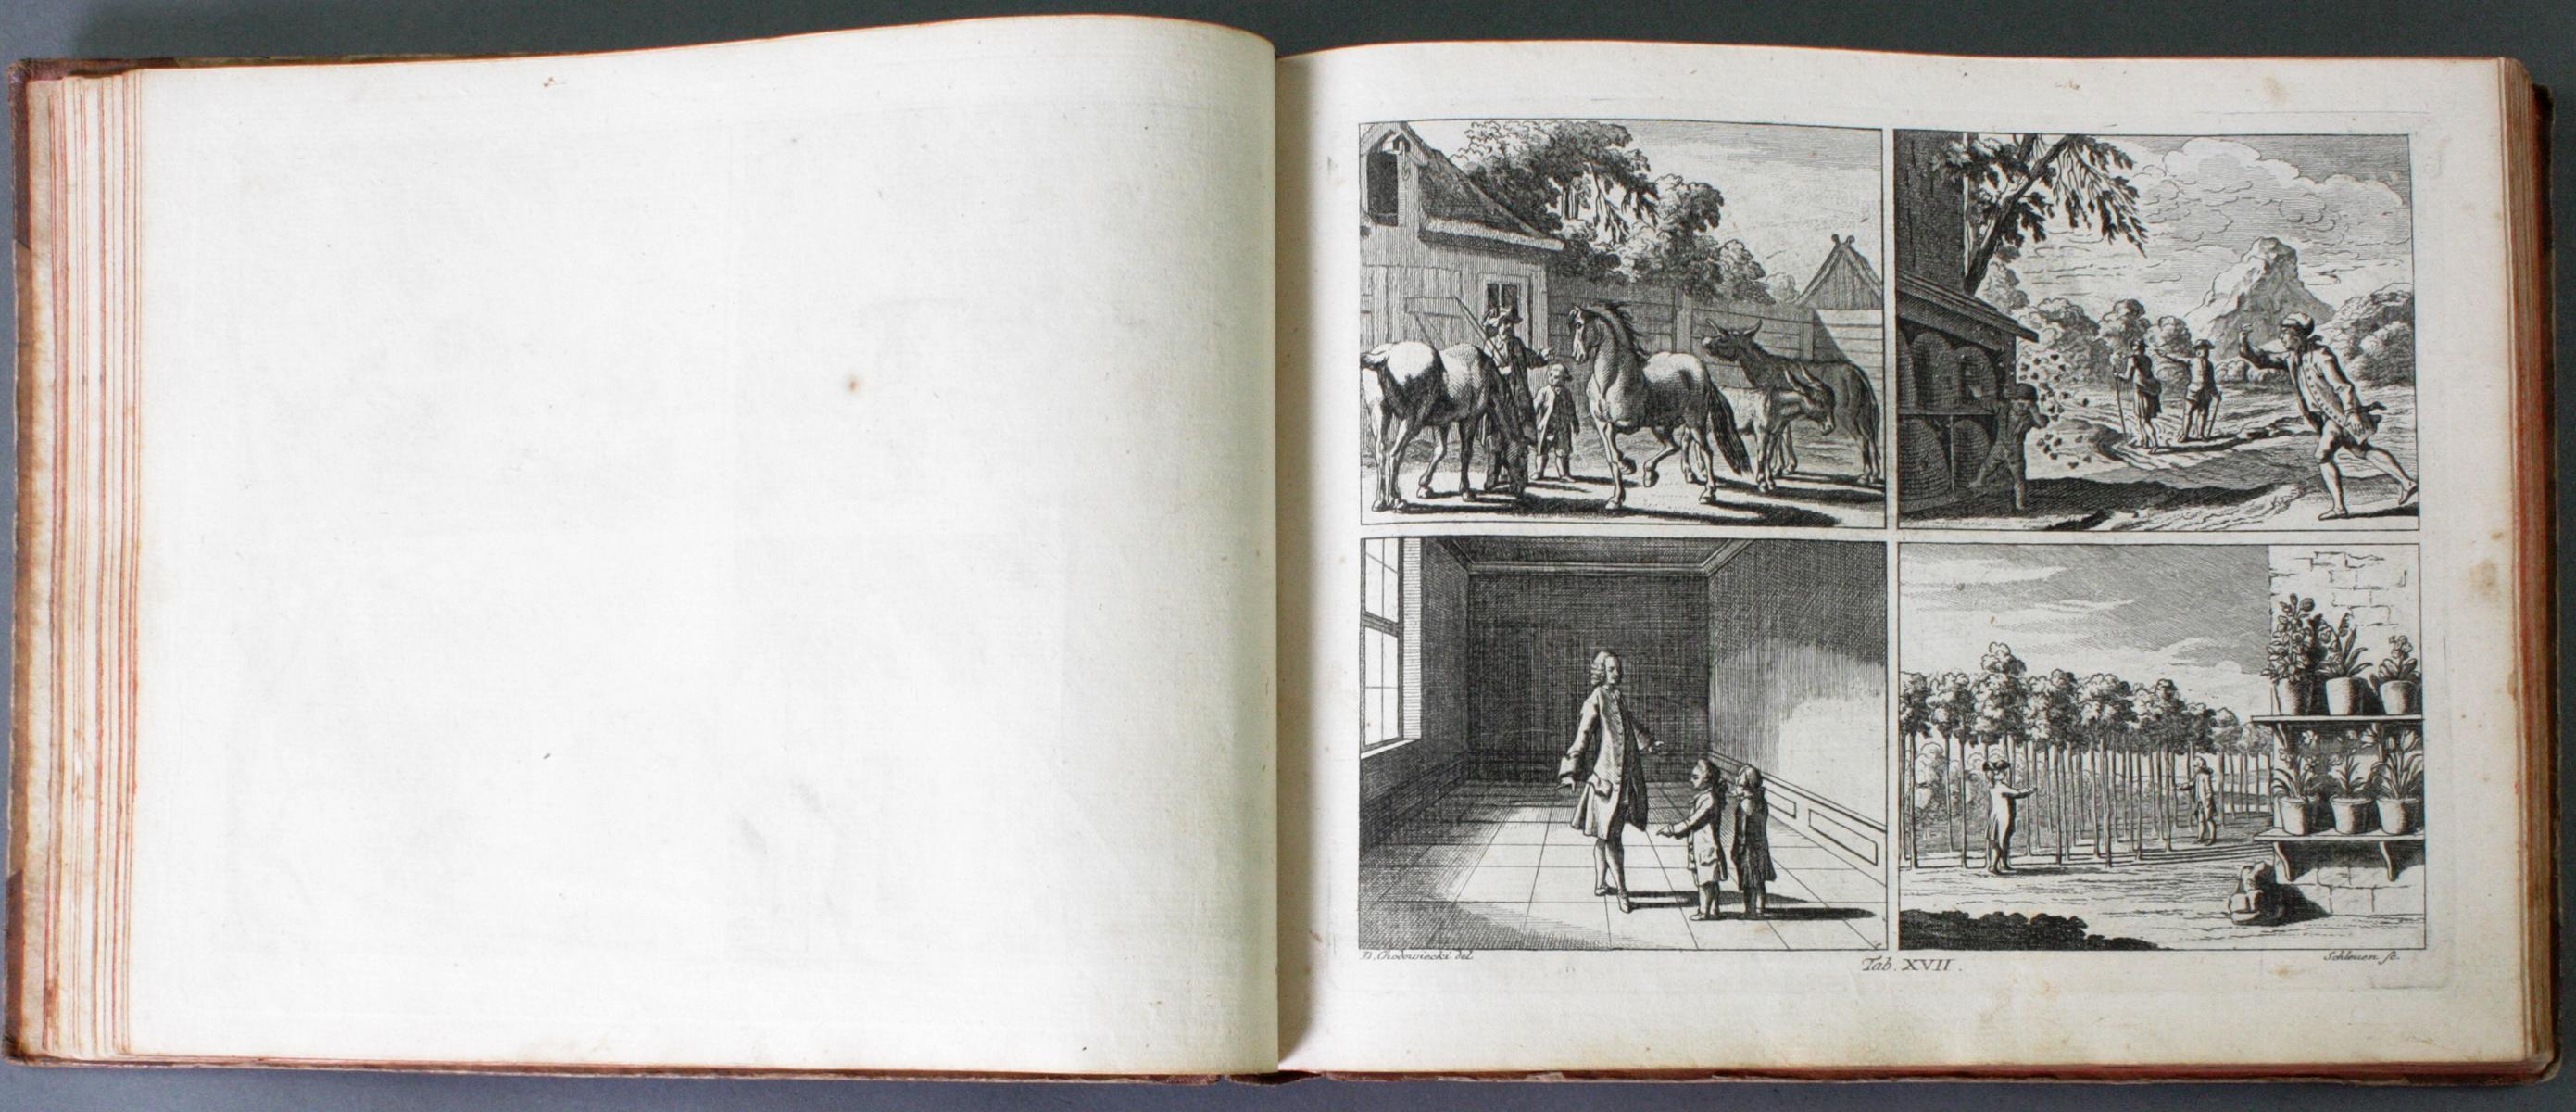 Johann Bernhard Basedow, Kupfersammlung zum Elementarwerk, 1774-6